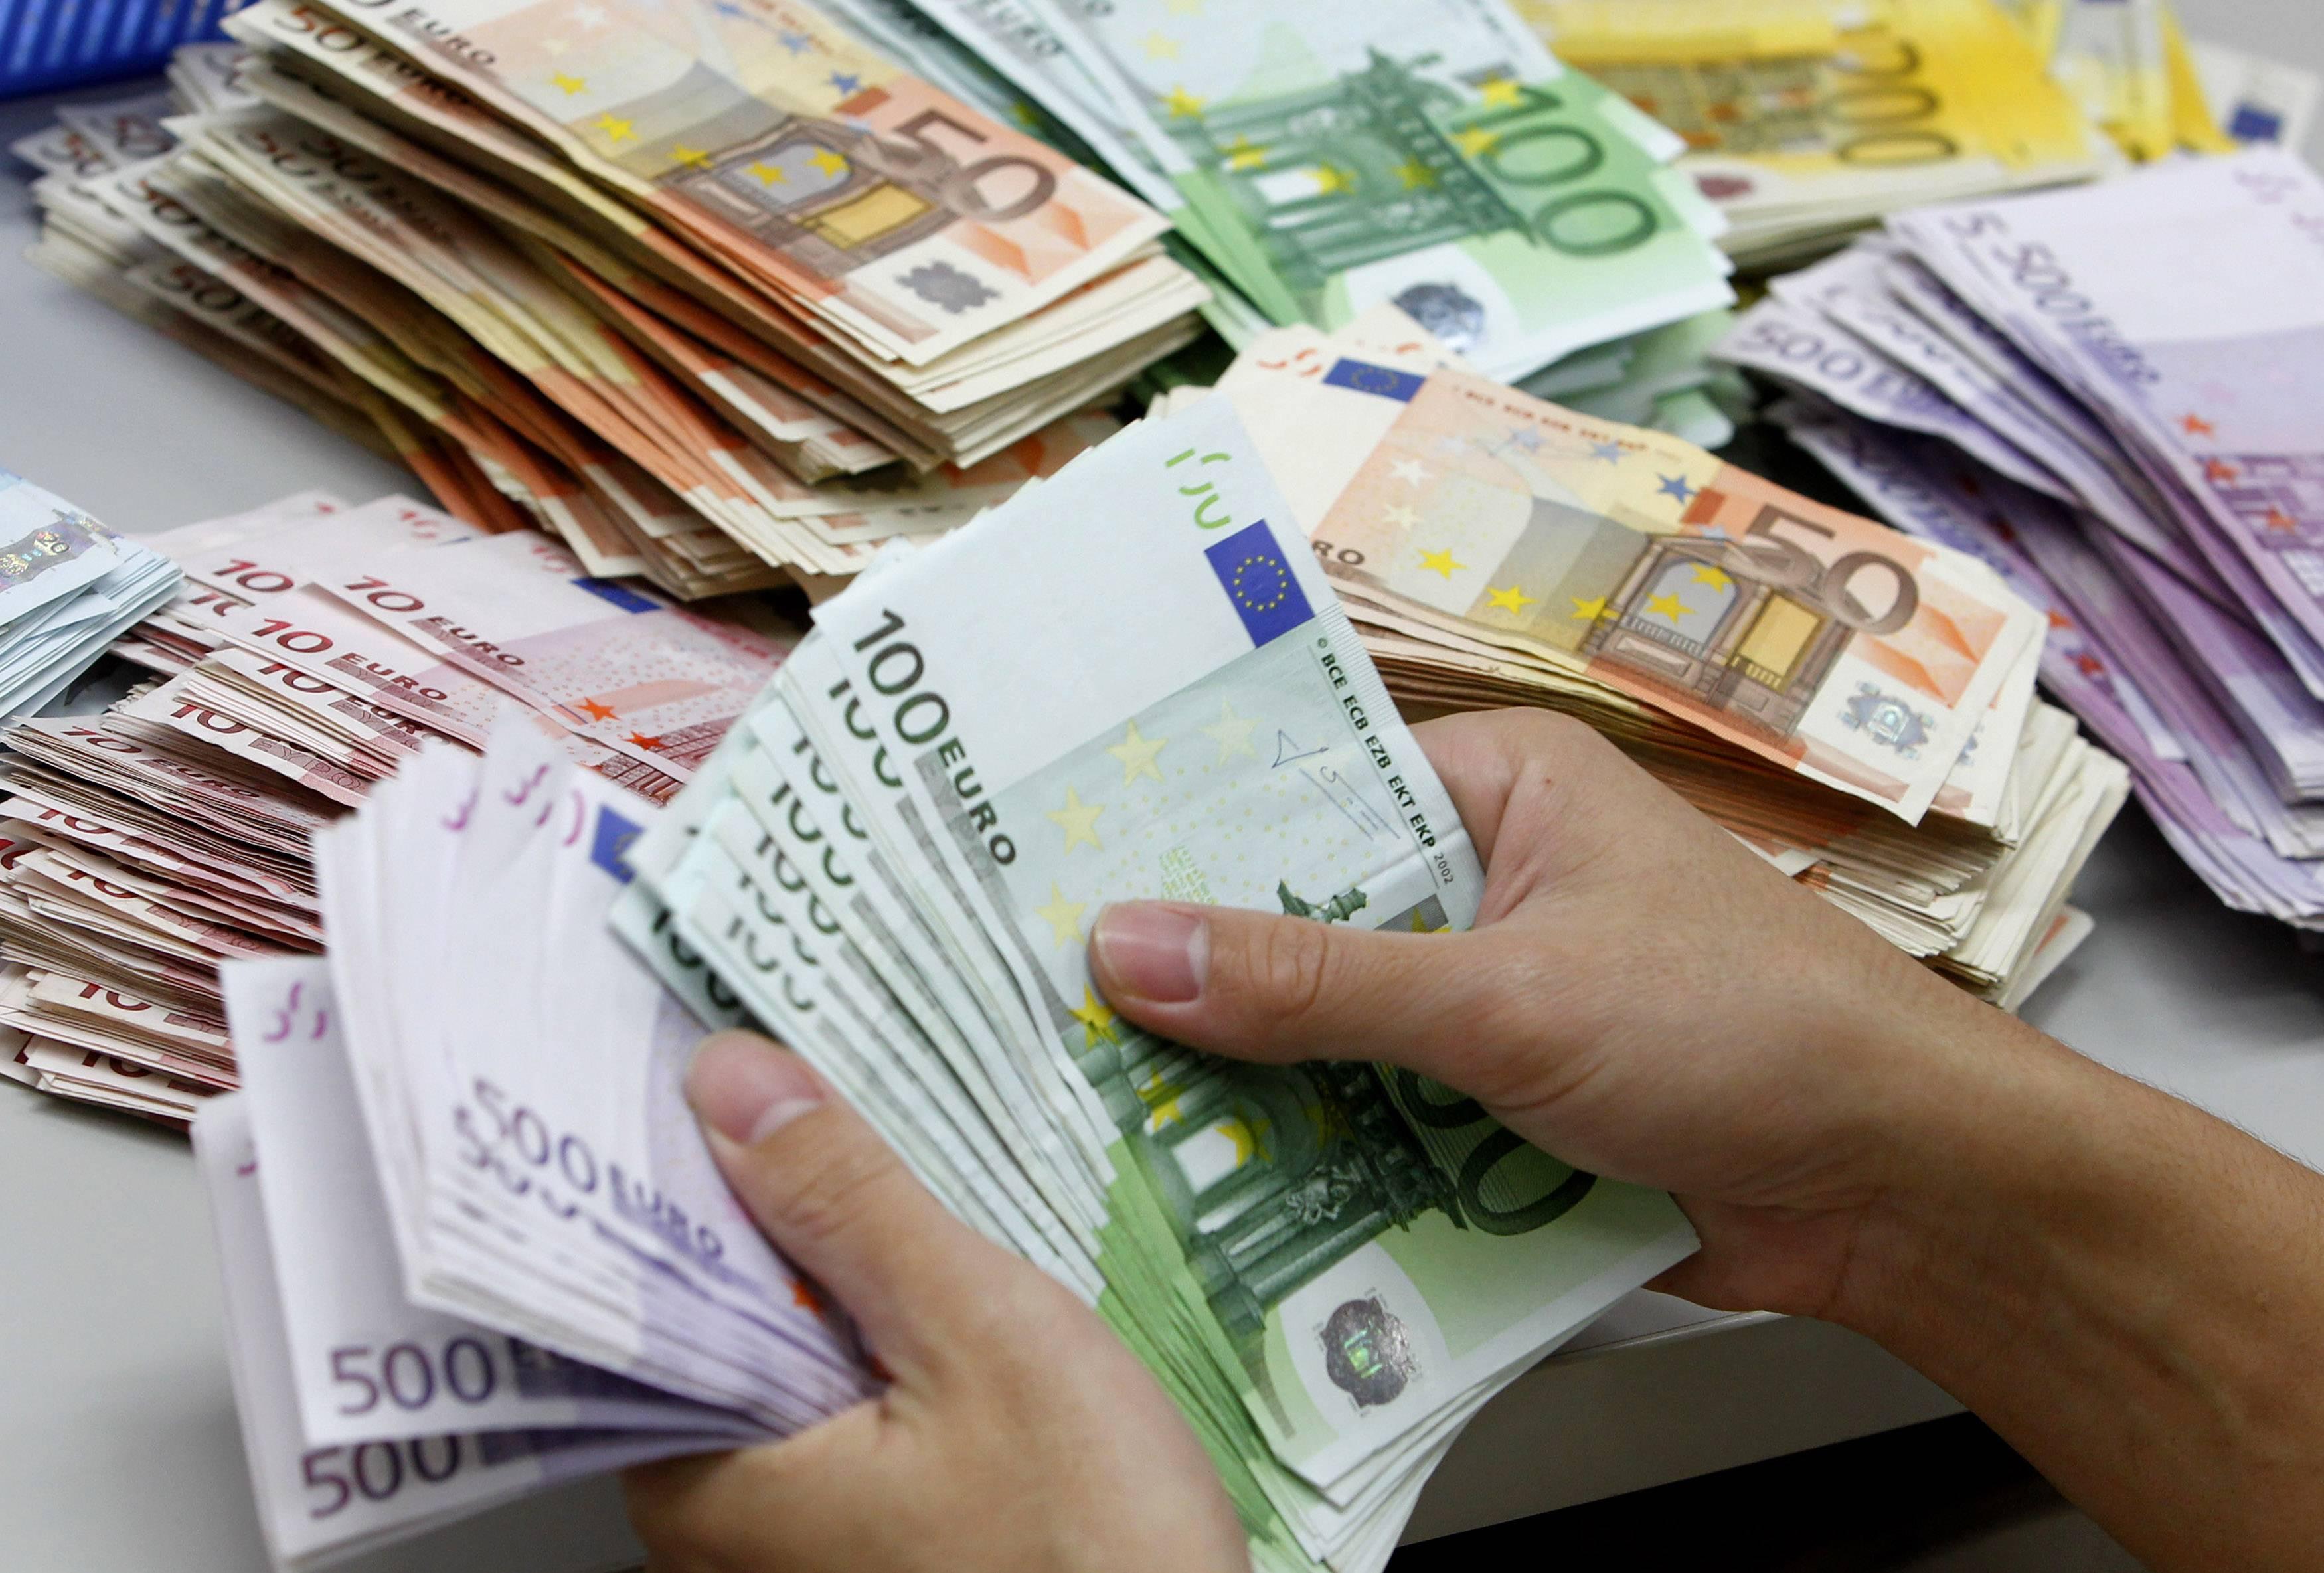 Καθυστερήσεις σημειώνονται στο Πρόγραμμα Δημοσίων Επενδύσεων   tovima.gr